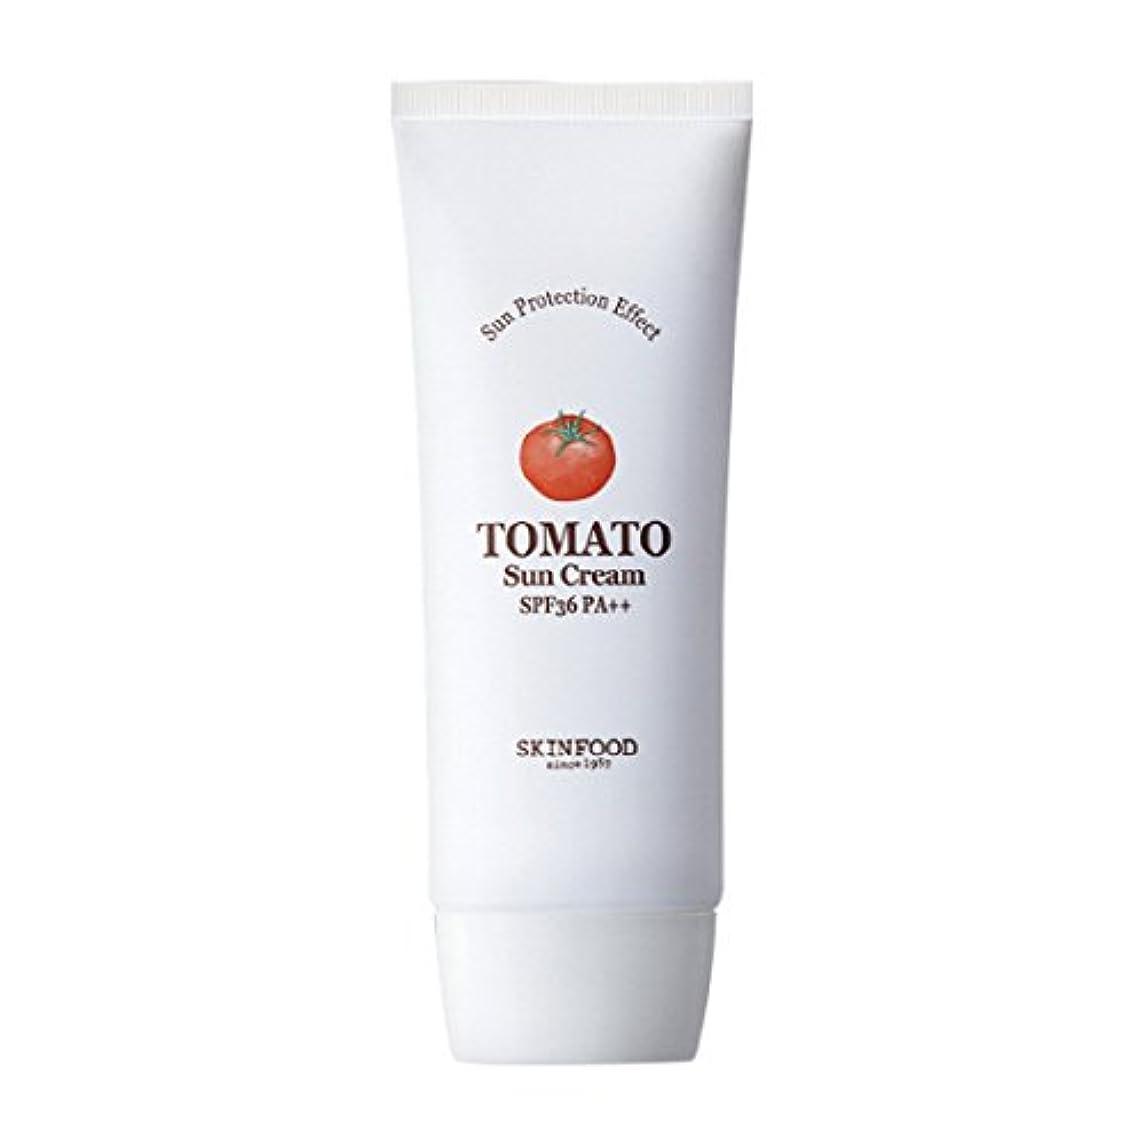 急降下エレメンタルオゾンSkinfood トマトサンクリームSPF 36 PA ++(UVプロテクション) / Tomato Sun Cream SPF 36 PA++ (UV Protection) 50ml [並行輸入品]